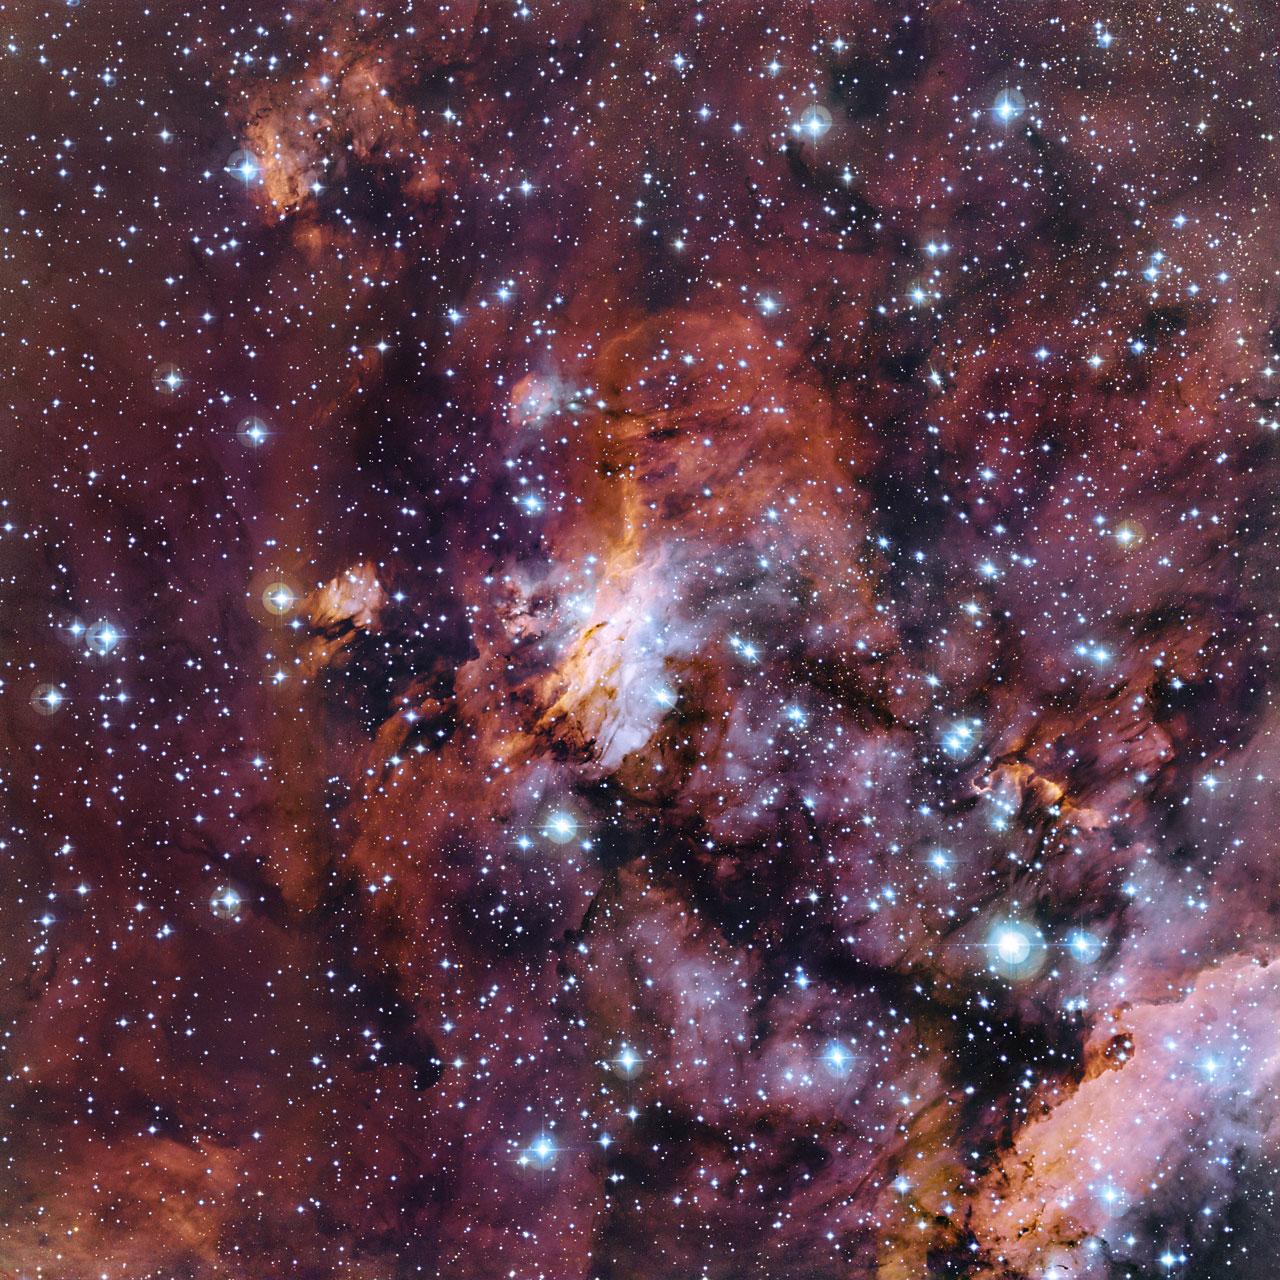 Prawn Nebula from La Silla